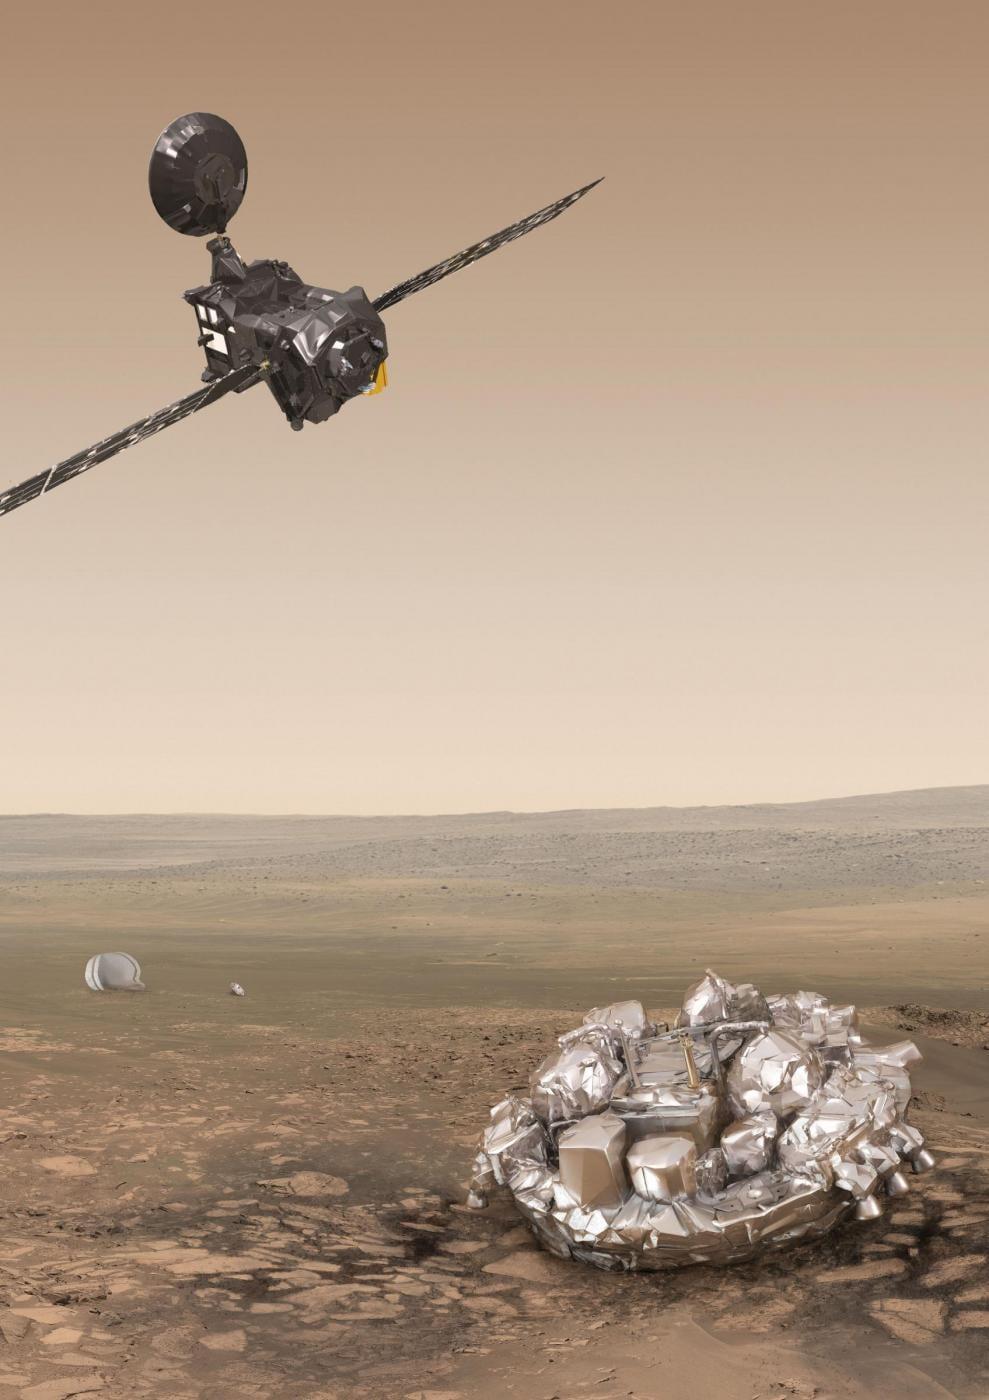 Il Trace Gas Orbiter, in alto, e Schiaparelli, sul suolo, in una rappresentazione artistica del momento dopo la sua discesa controllata con il paracadute. (AOES Medialab/ESA/PA Wire)